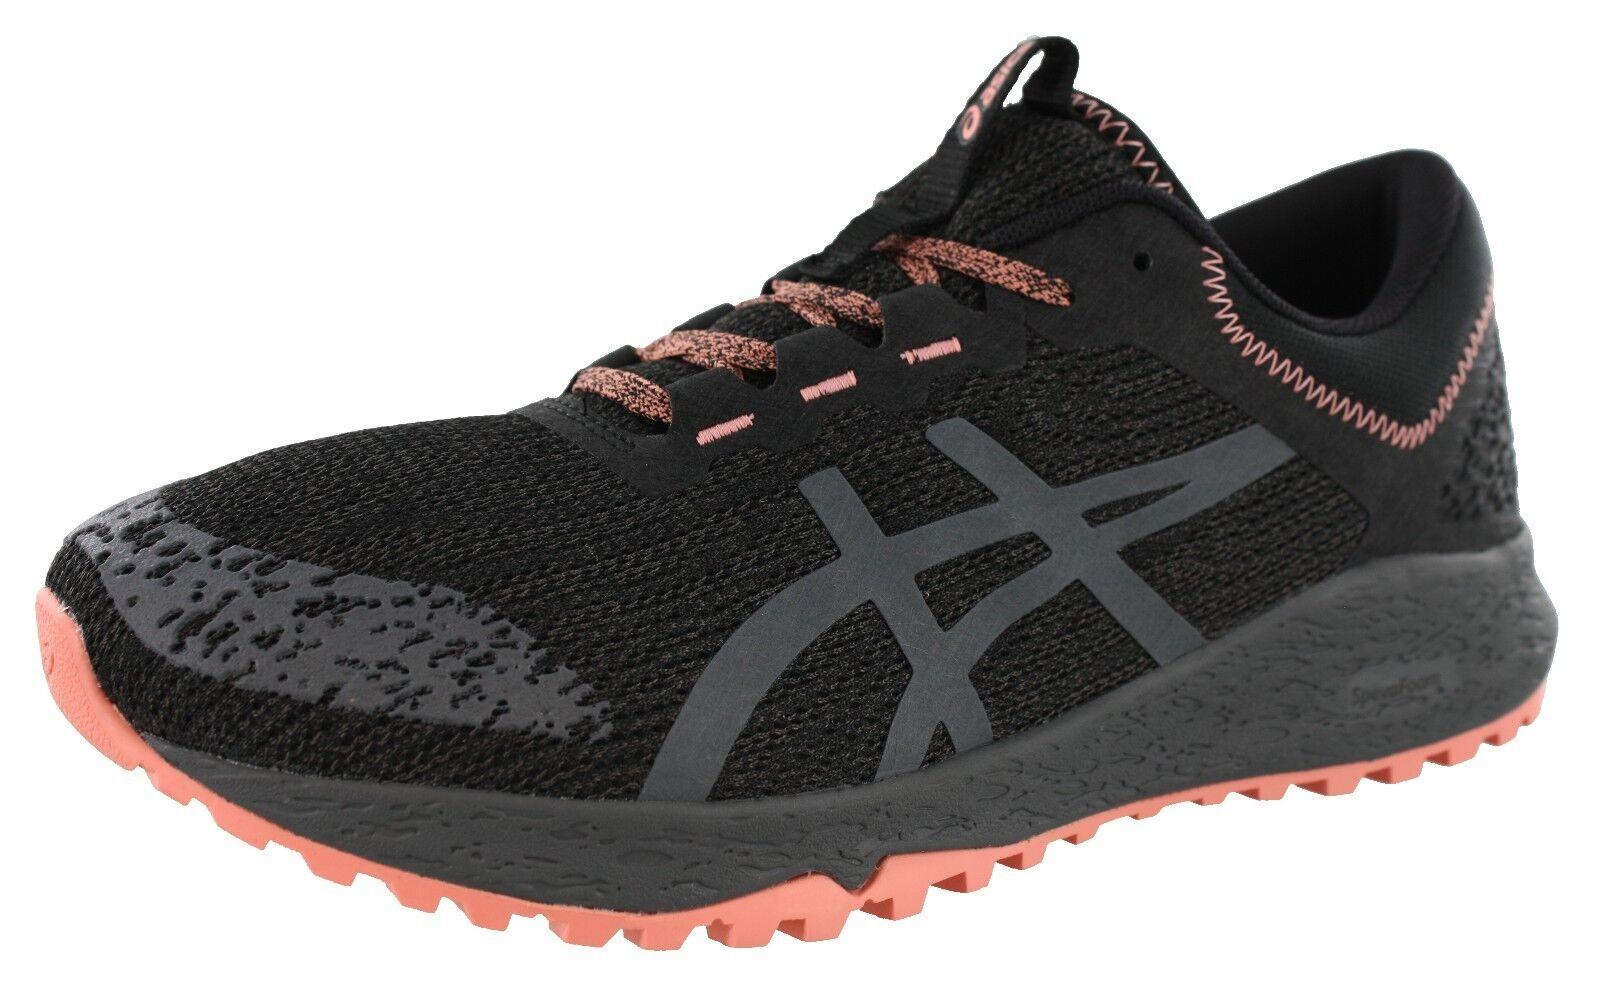 separation shoes b41fb 0cc09 ASICS femmes ALPINE XT TRAIL RUNNING Chaussures. Rechercher. Nos annonces.  Emploi · Homme NIKE ...